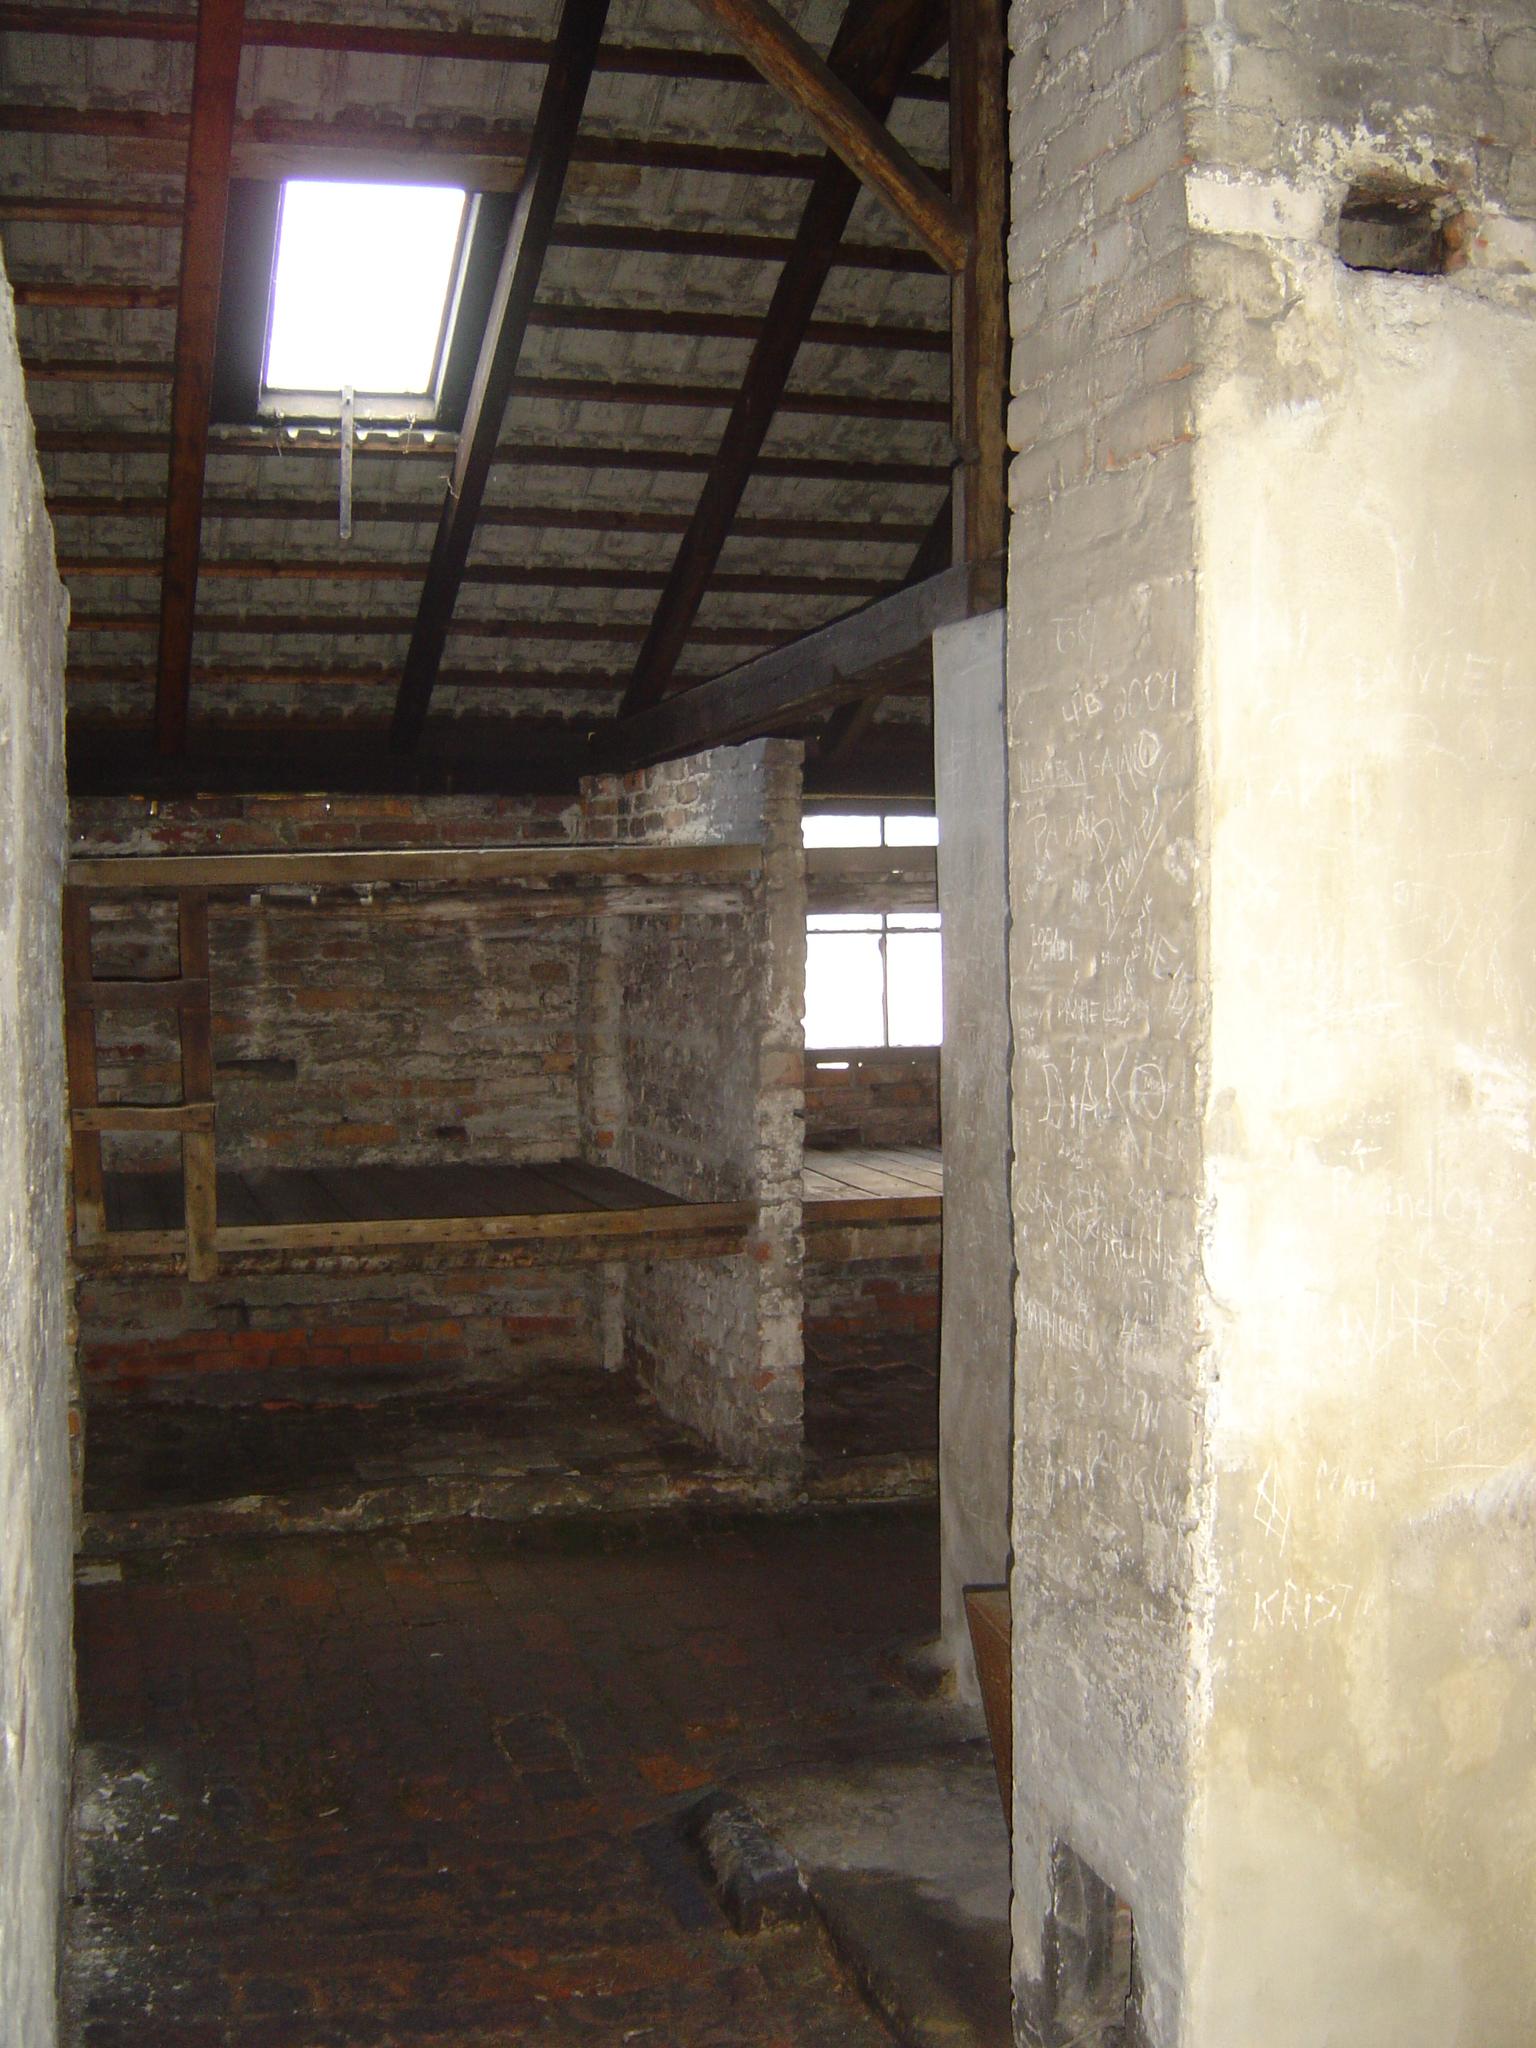 Photo d'Auschwitz - Birkenau - Août 2010 - Cliché J.F Loistron